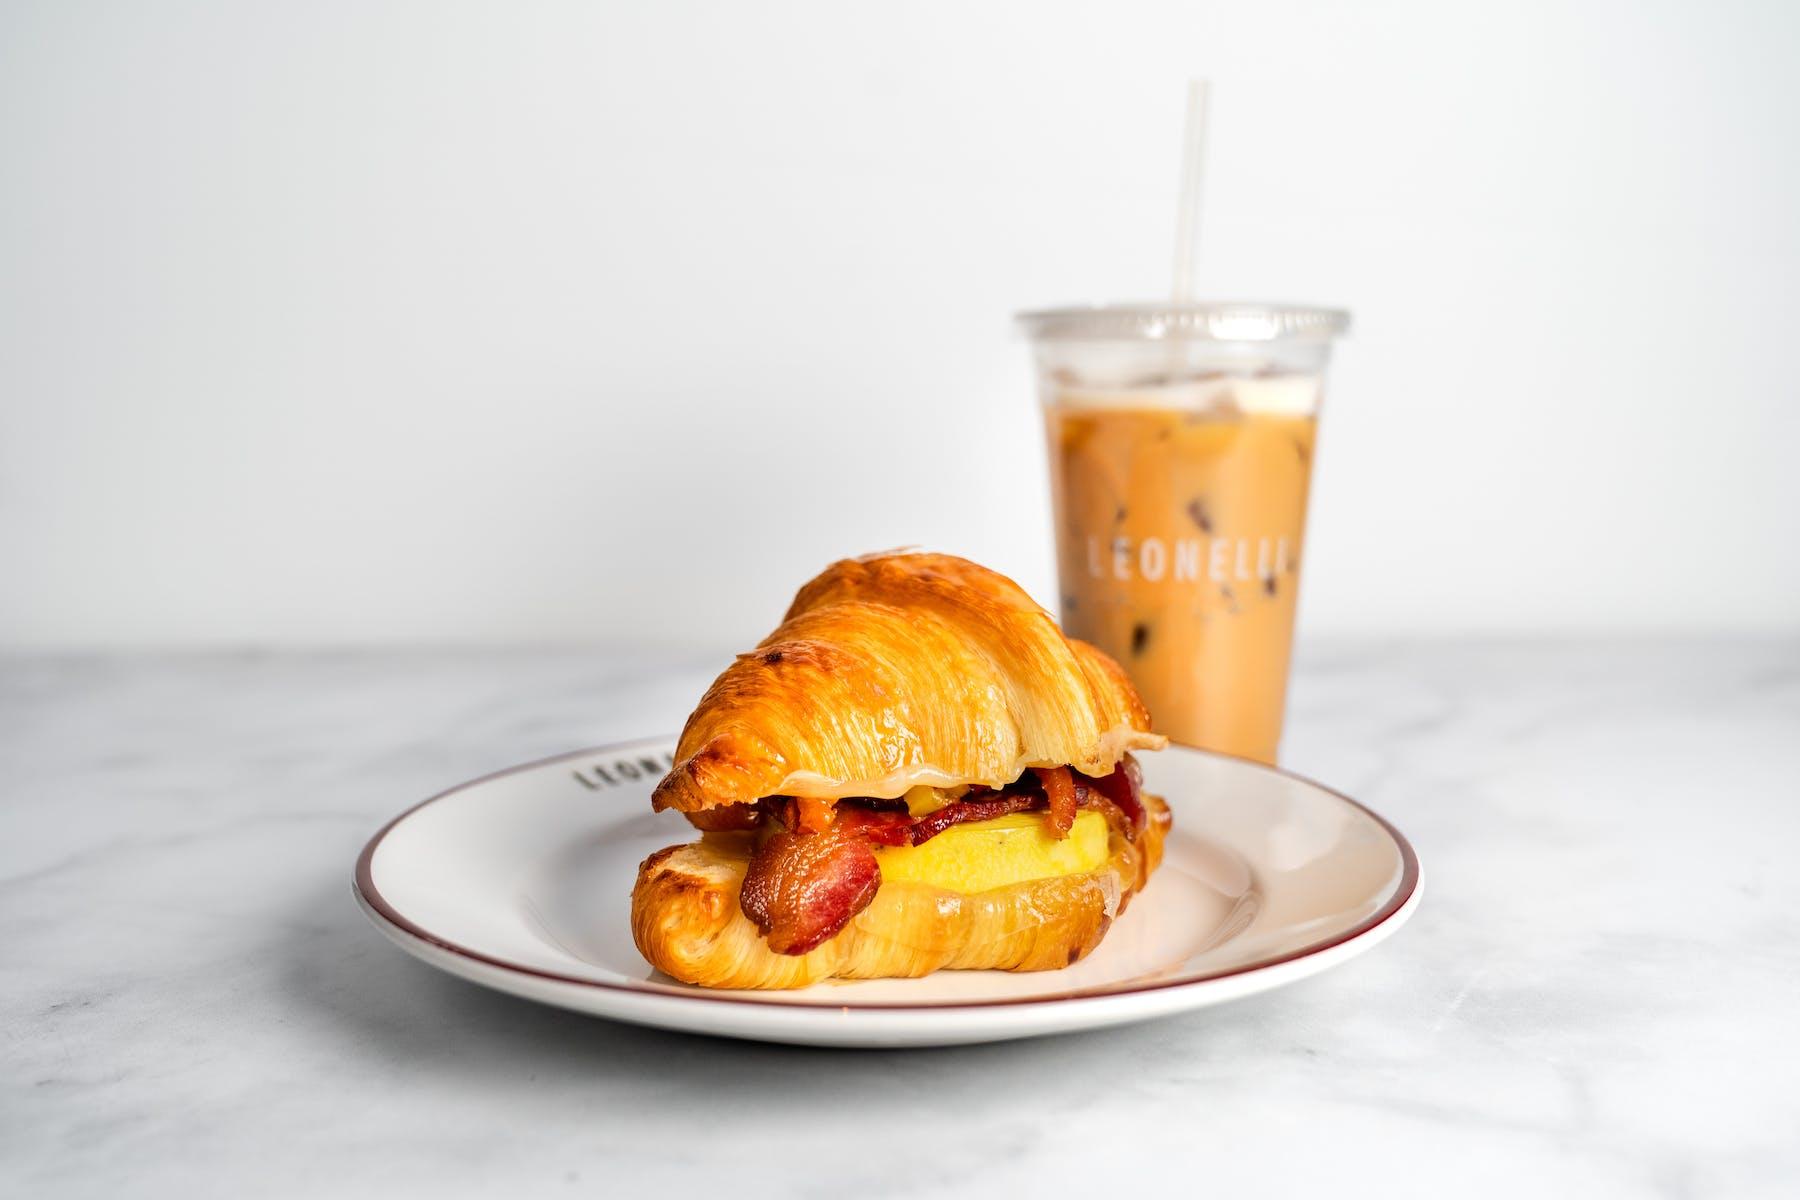 Cafe Leonelli Breakfast Food in Houston, TX